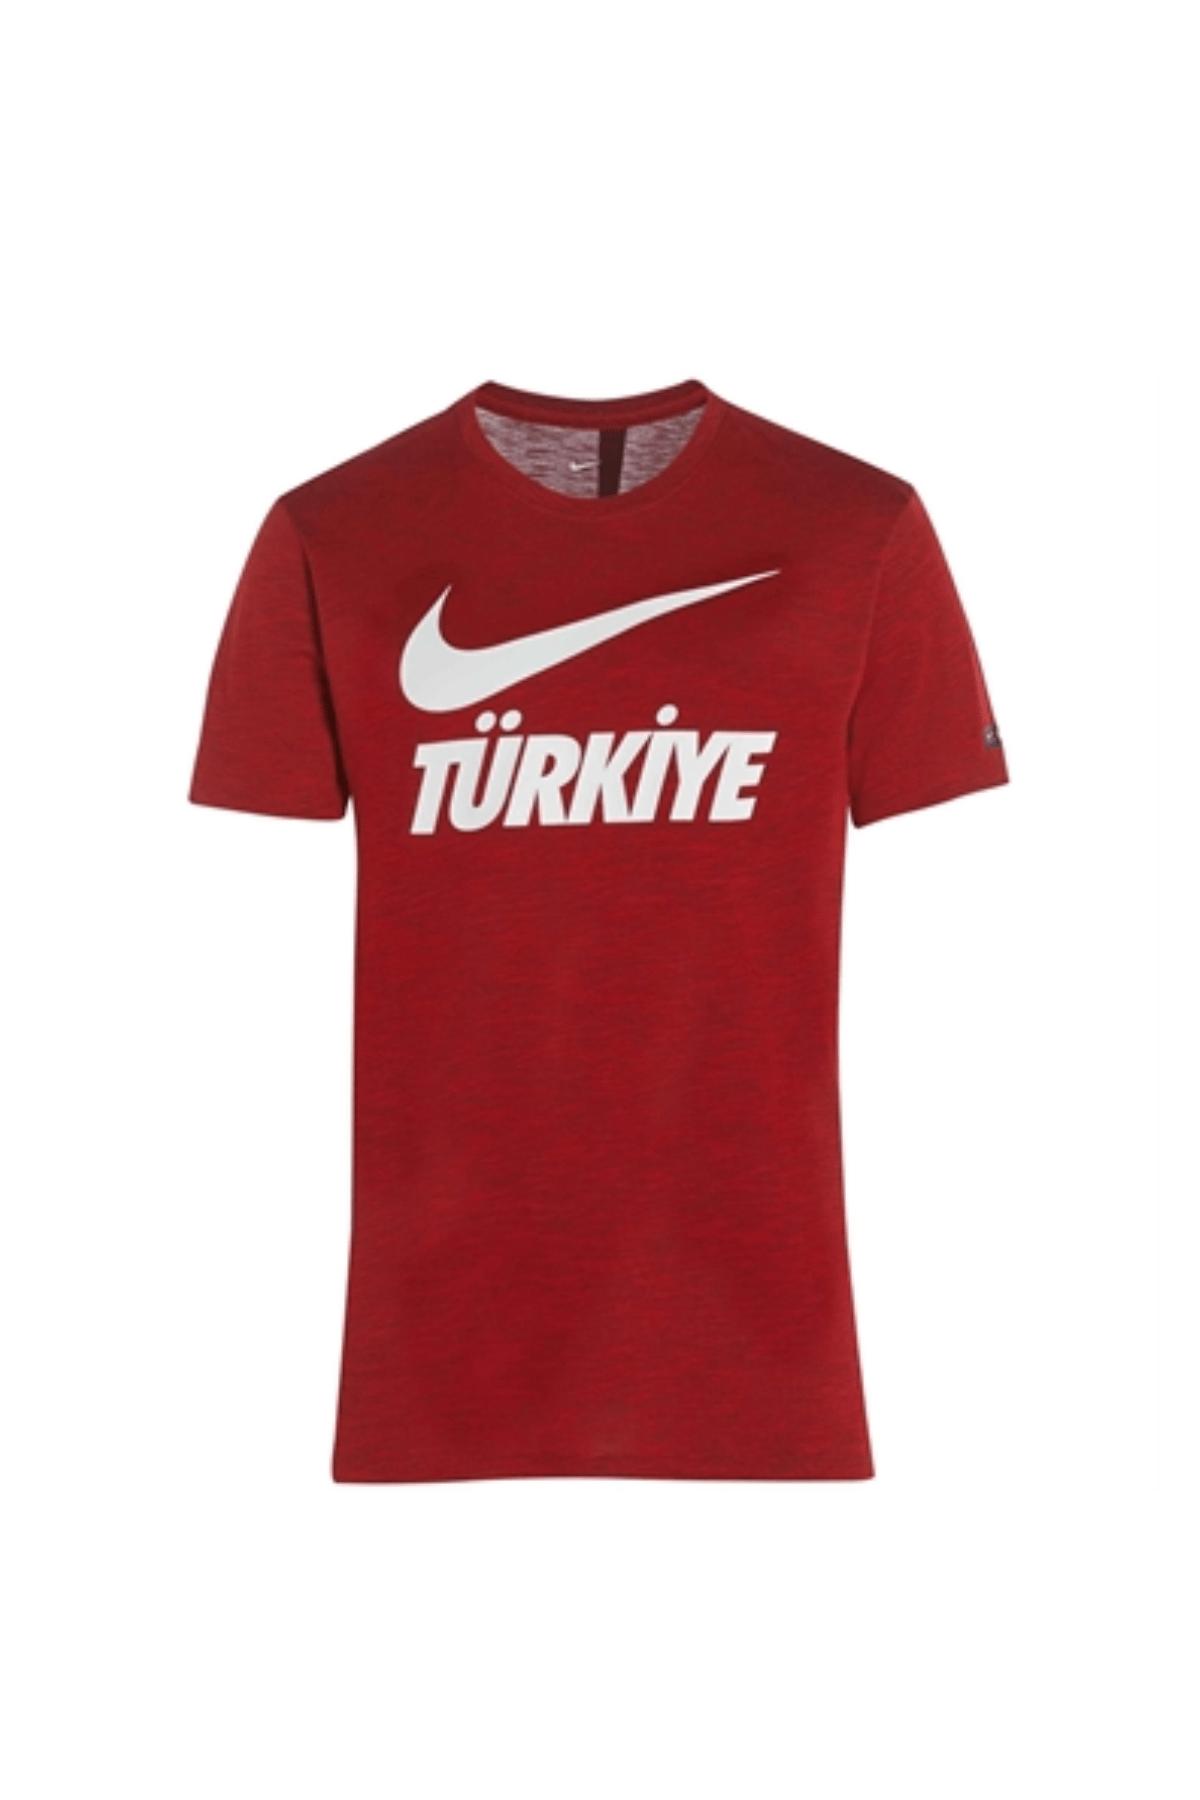 Nike Türkiye Nike Günlük Giyim Türkiye Yazılı T-Shirt Kırmızı Euro 2020 - Euro2020